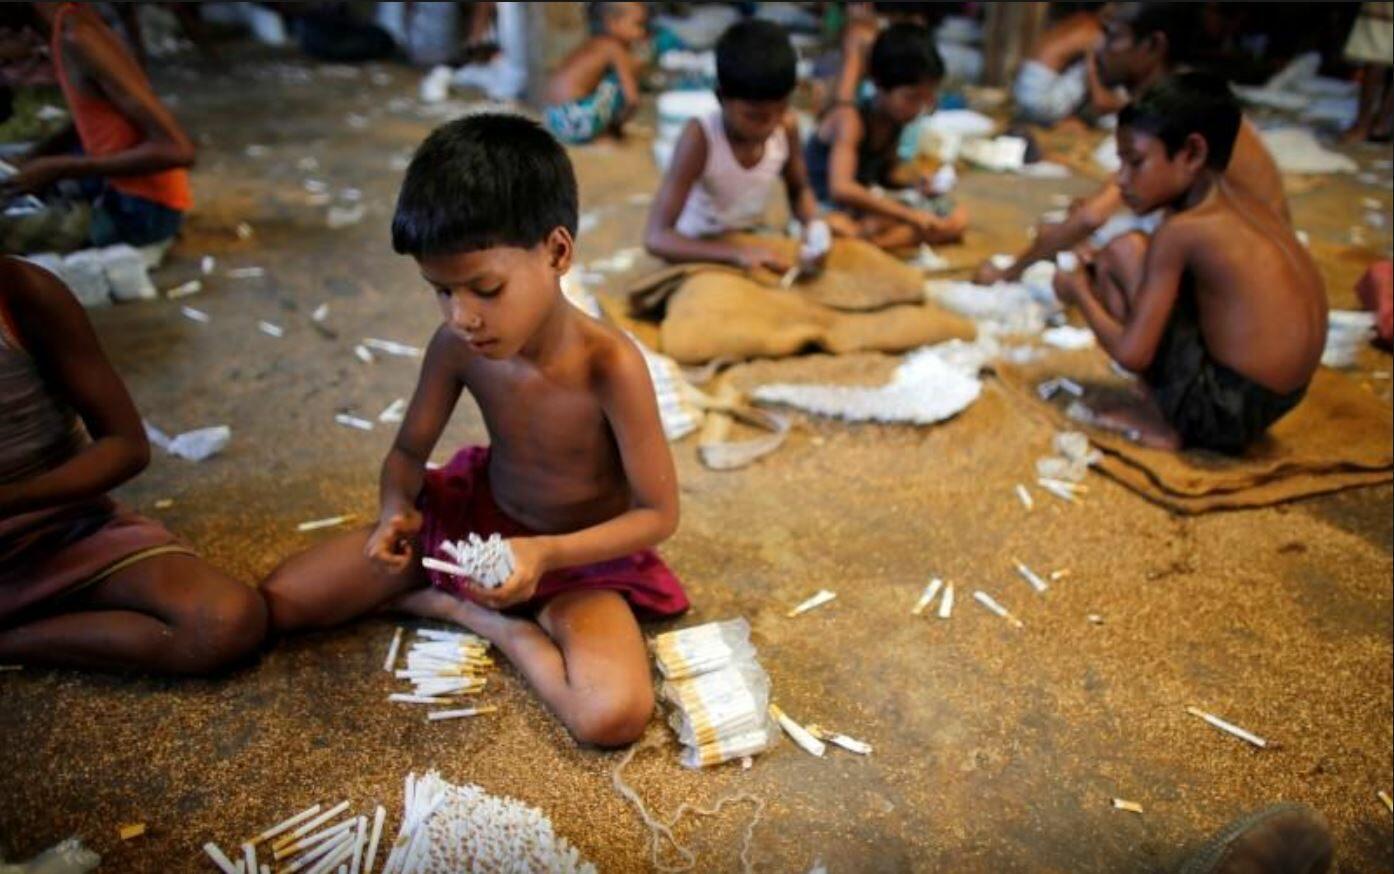 แรงงานเด็กบราซิลครึ่งหนึ่งทำงานเสี่ยงอันตราย